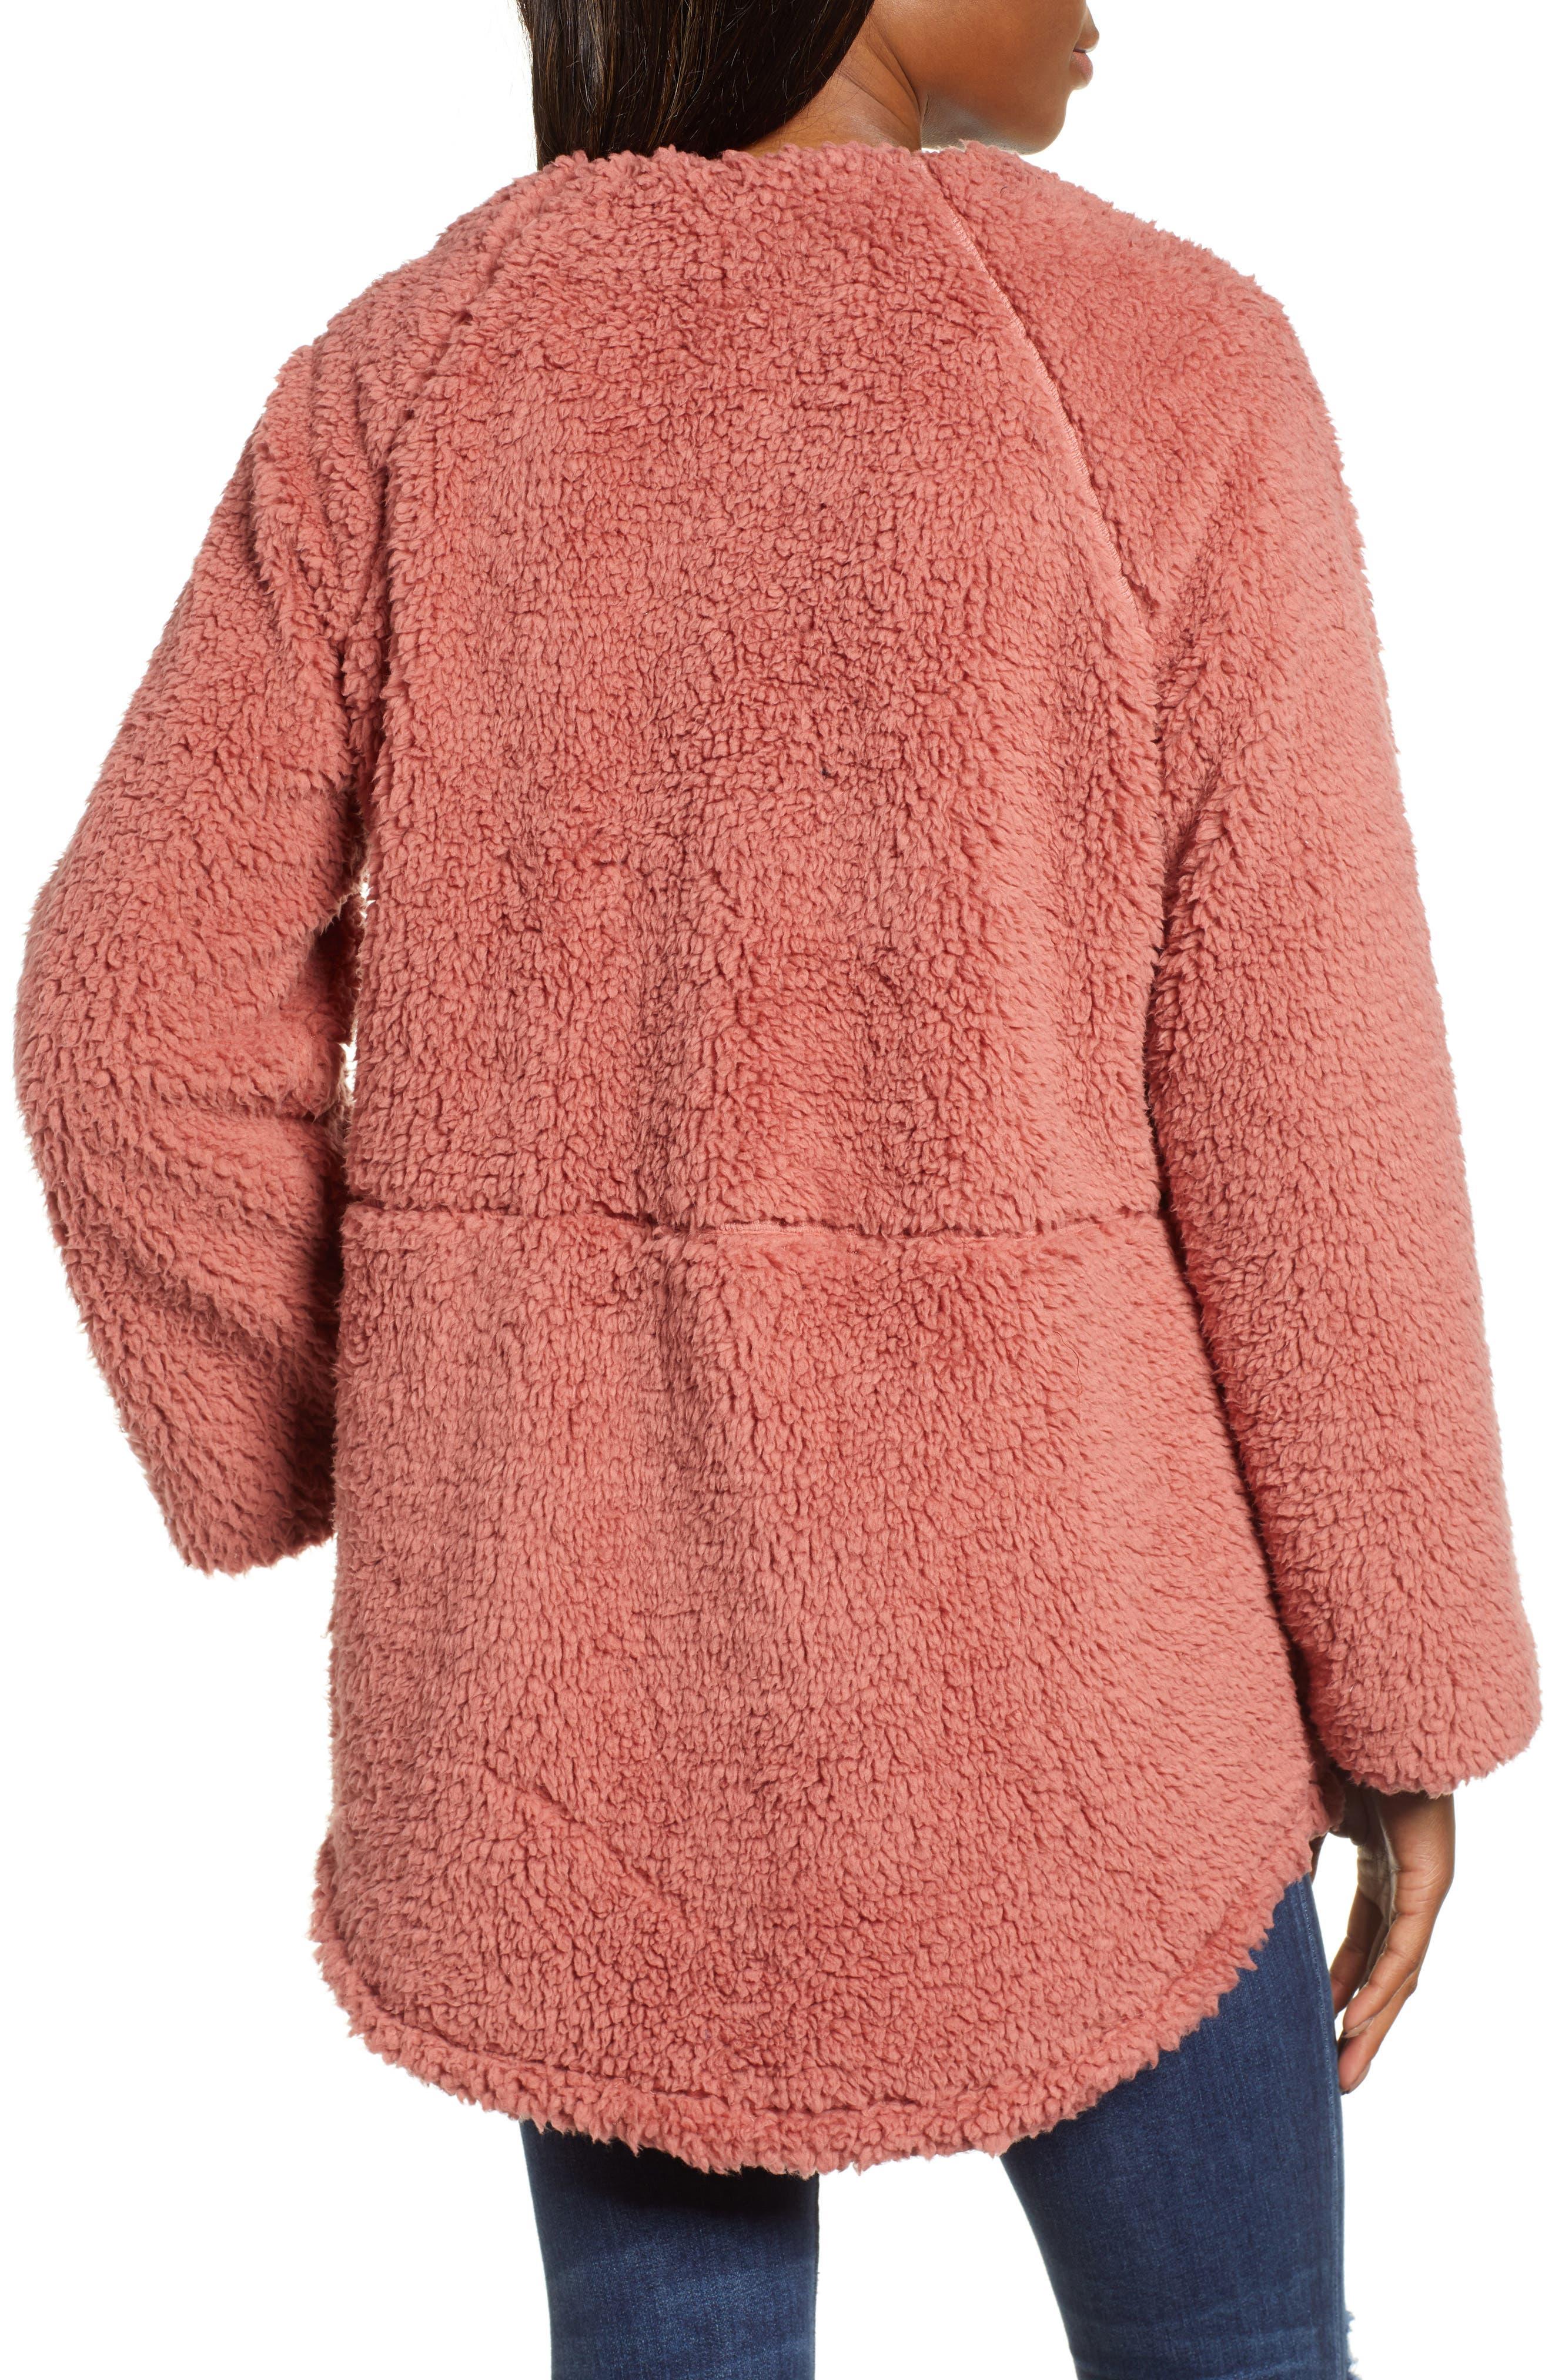 Fuzzy Fleece Jacket,                             Alternate thumbnail 2, color,                             650